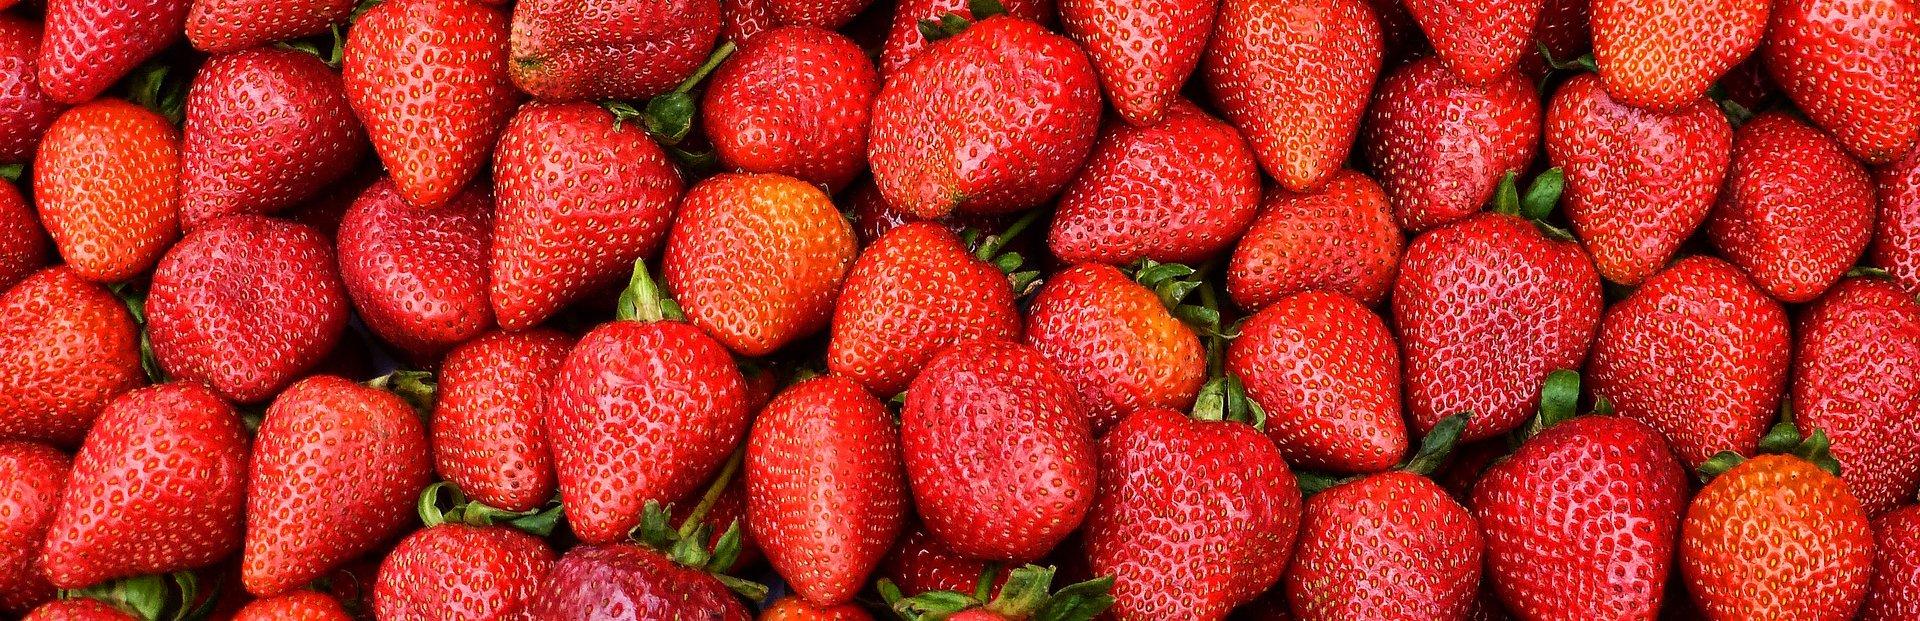 В рамках совместной хозяйственной деятельности с Россией на Курильских островах, Япония хочет выращивать клубнику на Курилах в теплицах